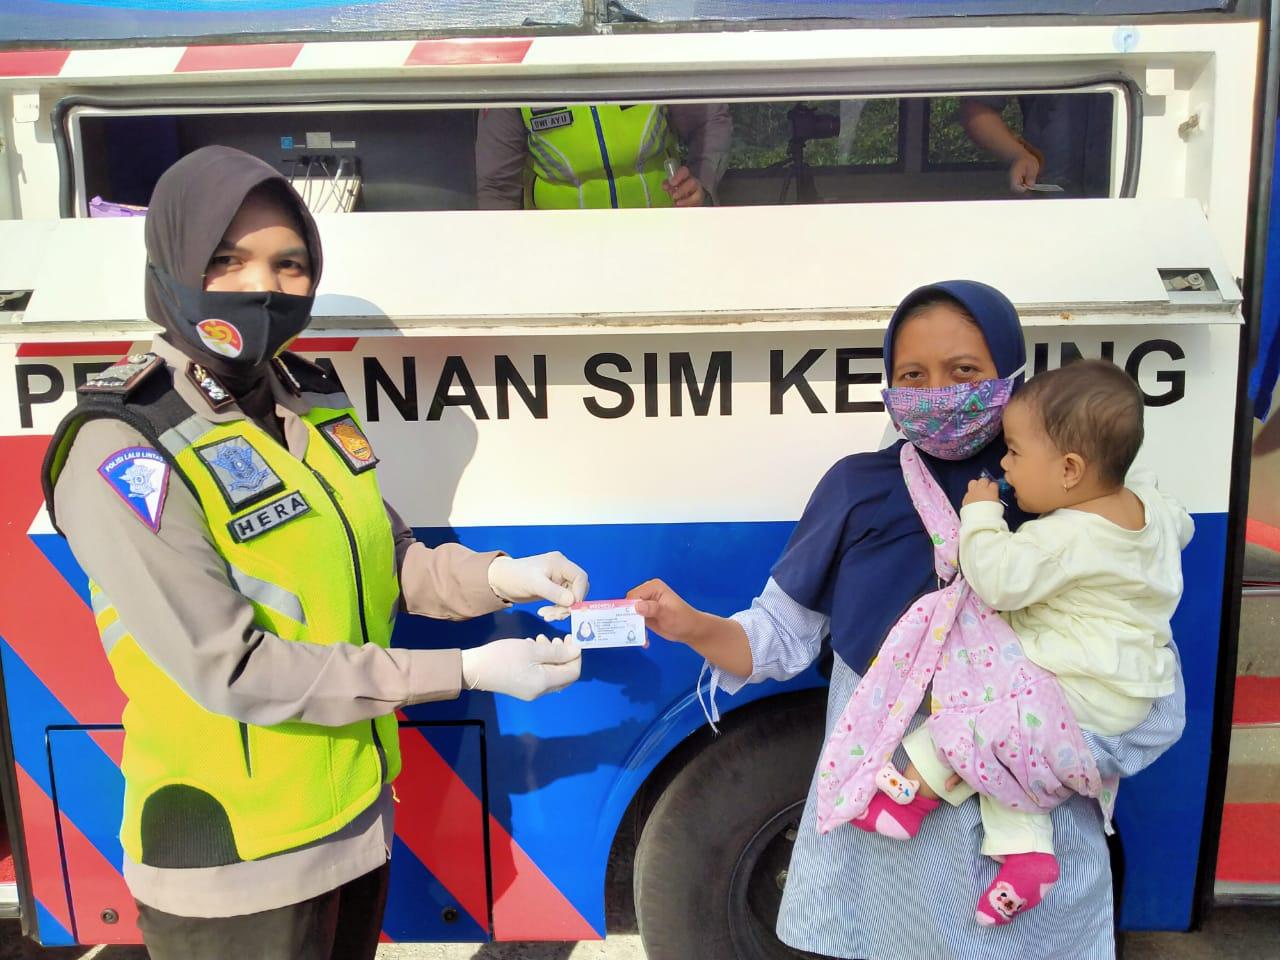 Sambut Hari Jadi Polwan ke-72, Perpanjangan SIM & SKCK Dilakukan dengan Humanis